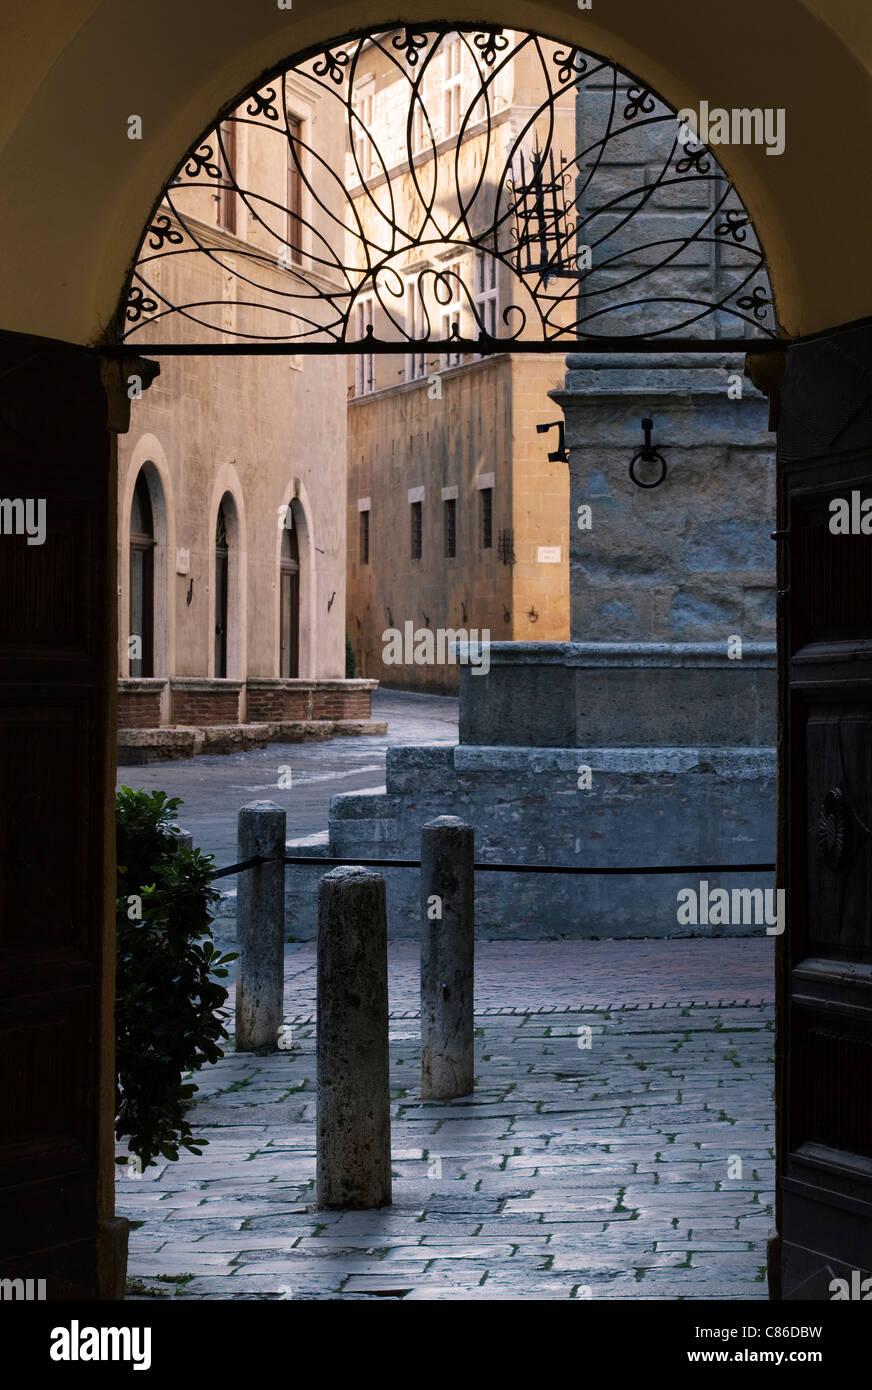 Scène de rue - Pienza, Toscane - porte tôt le matin. Photo Stock